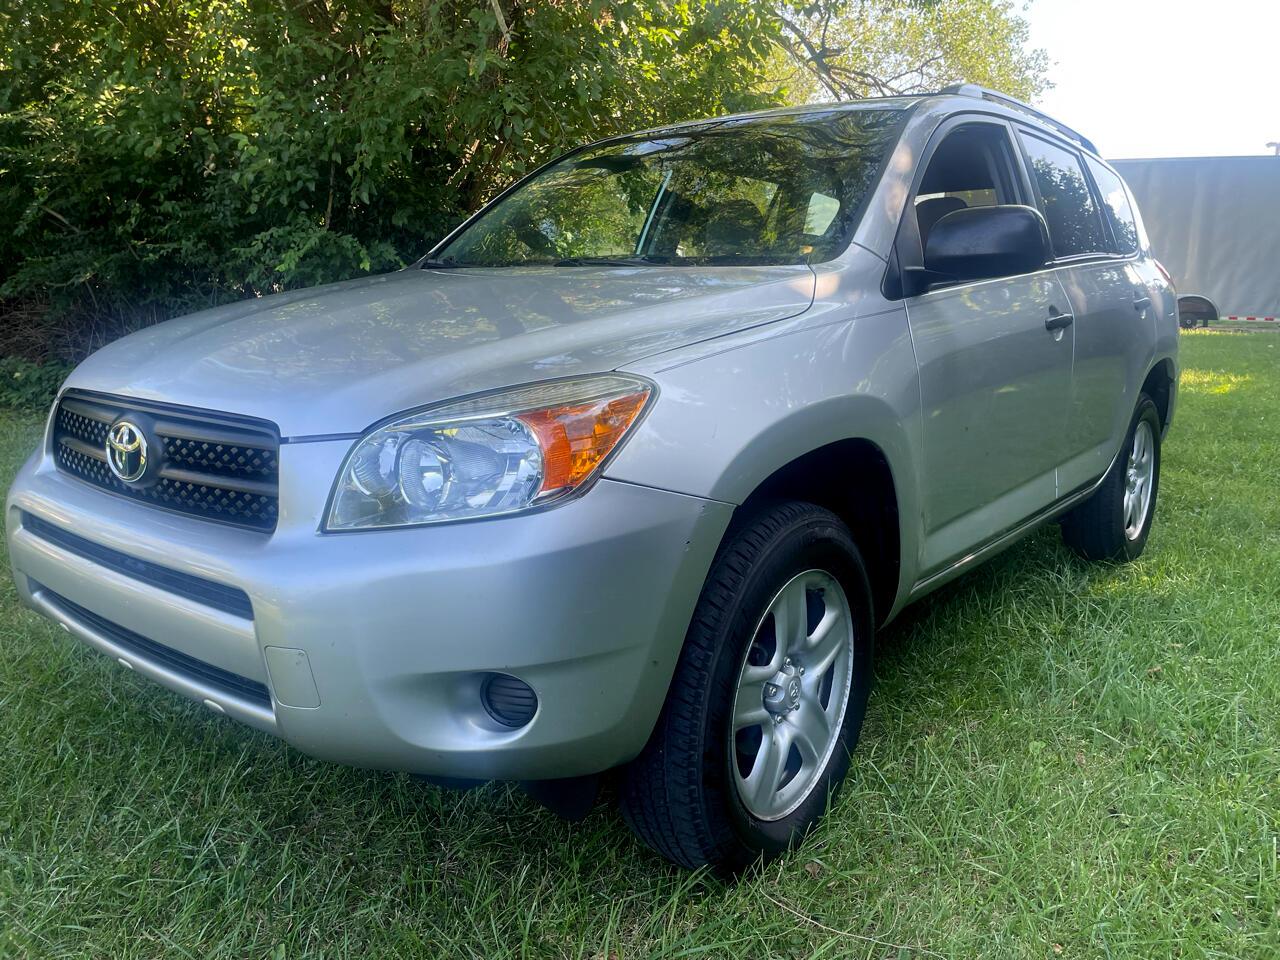 Toyota RAV4 Base I4 2WD 2007